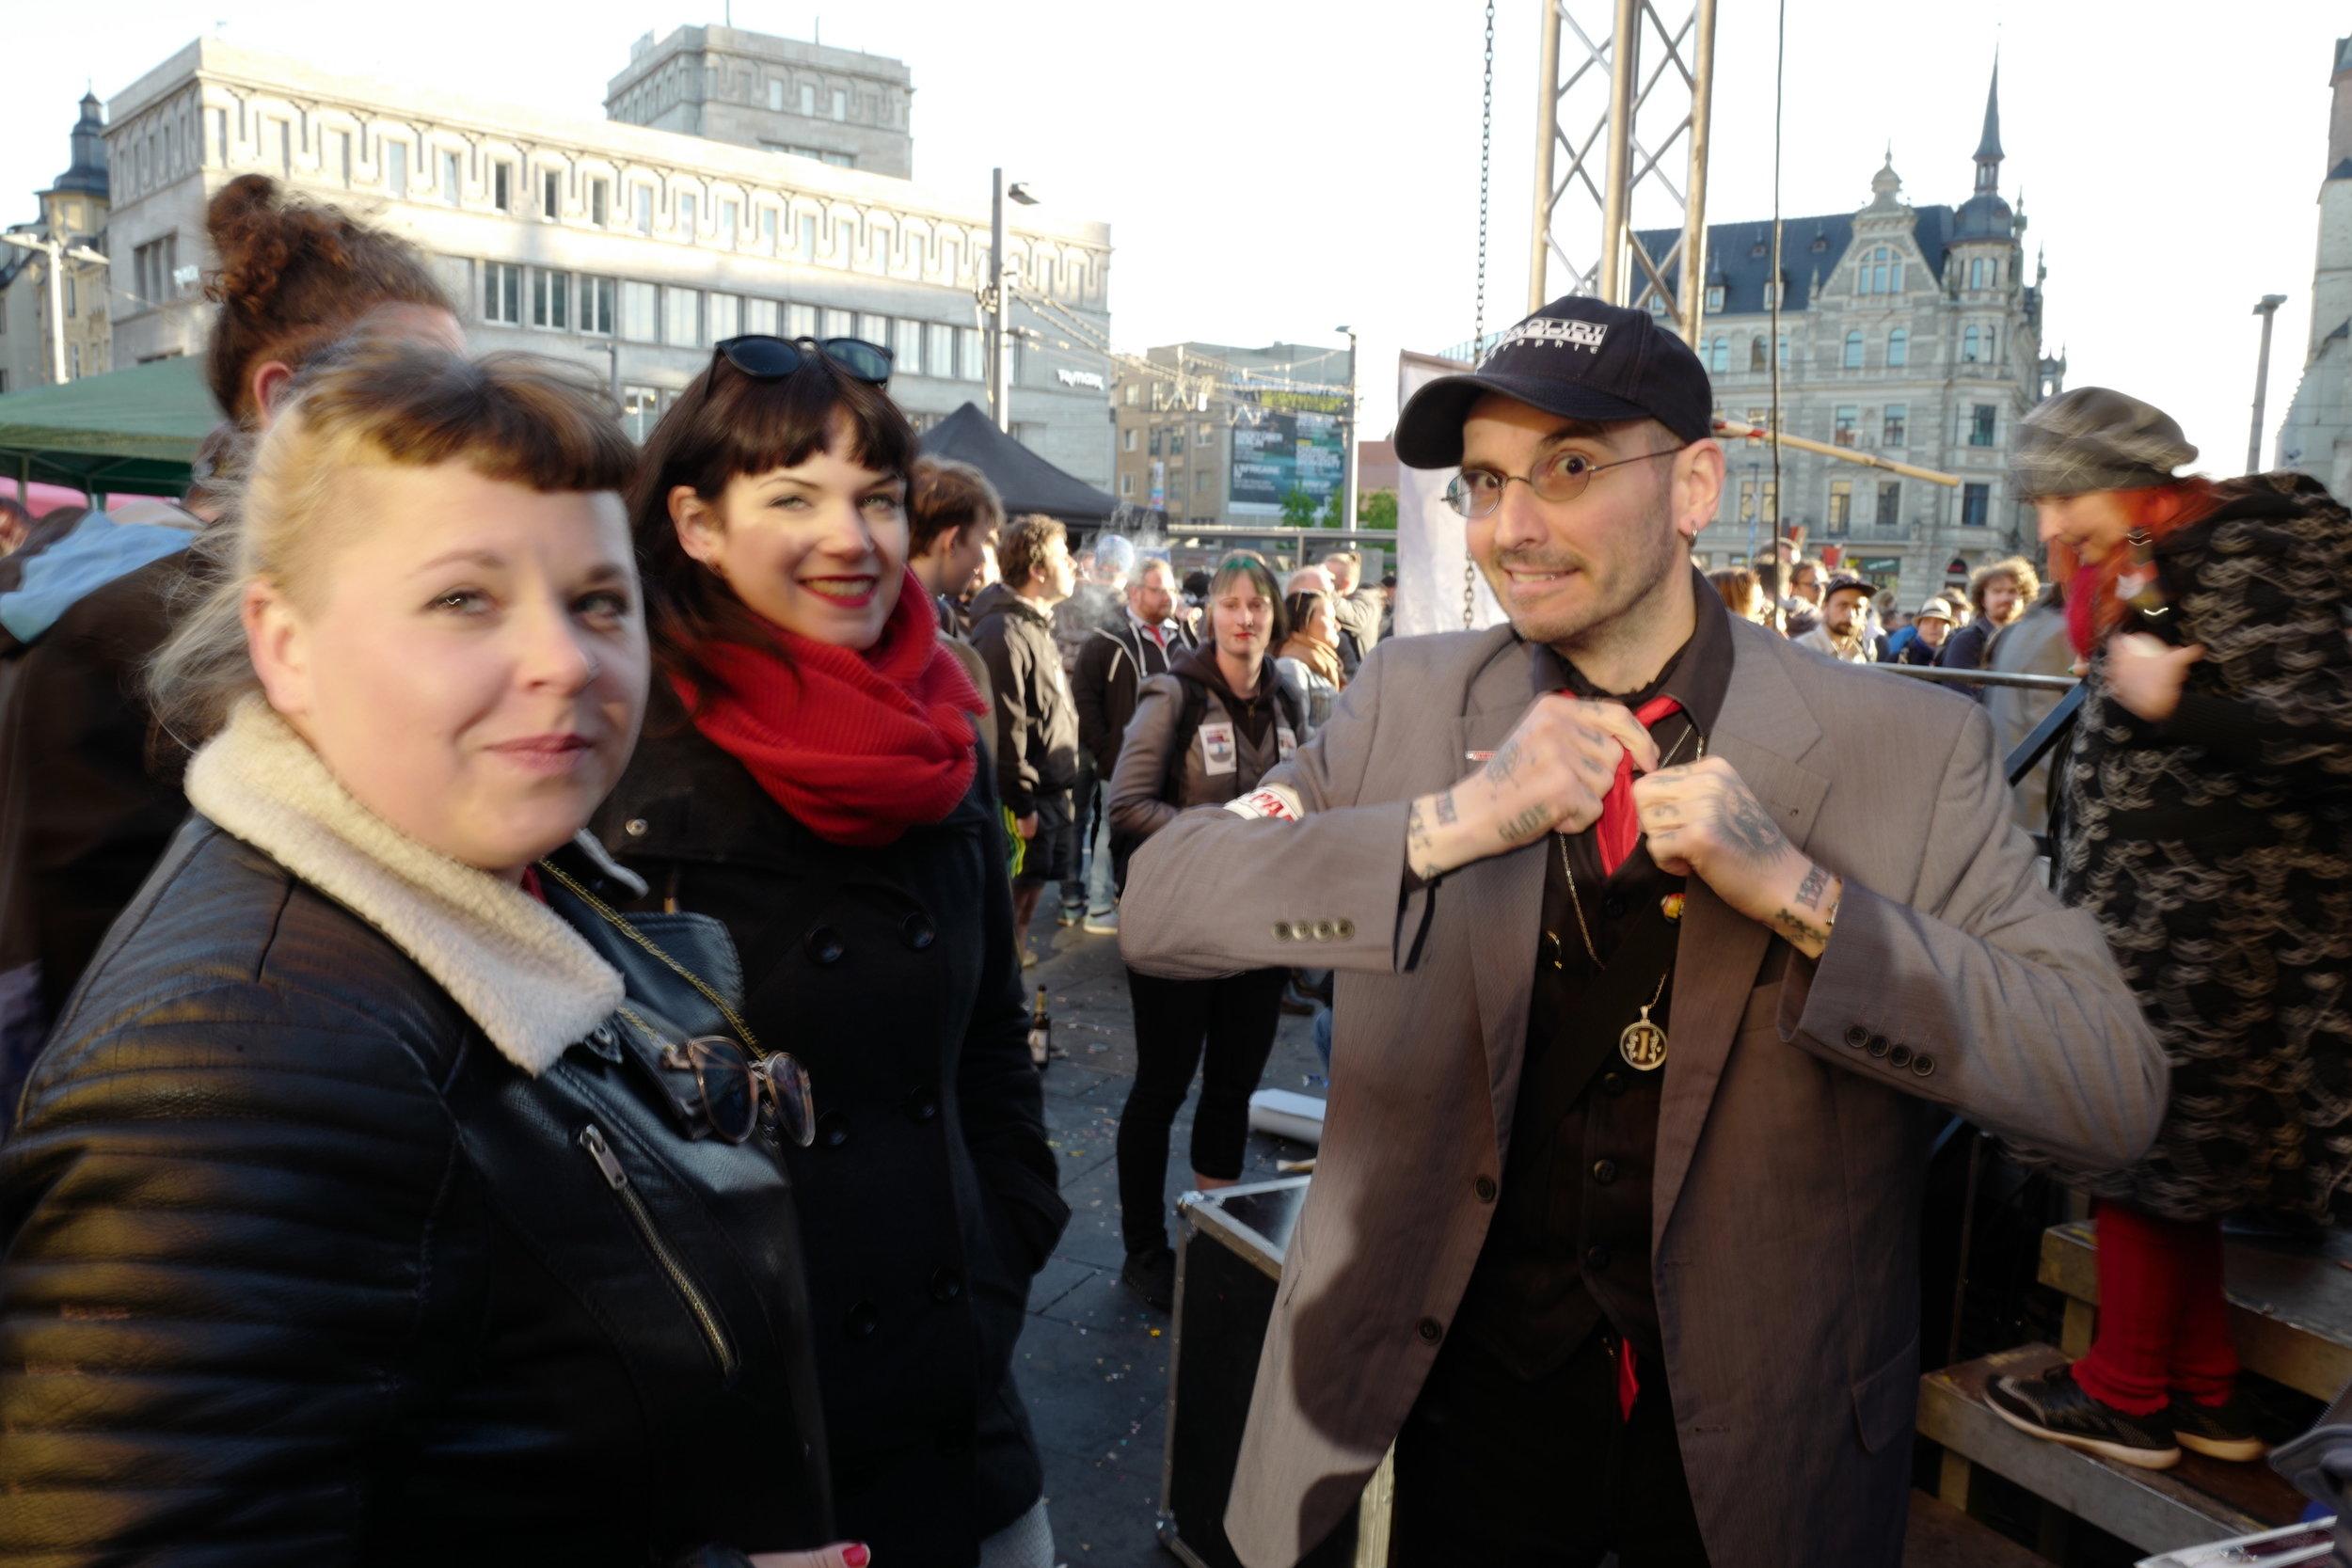 dr_mark_benecke_PARTEI_europa_magdeburg_halle - 1.jpg